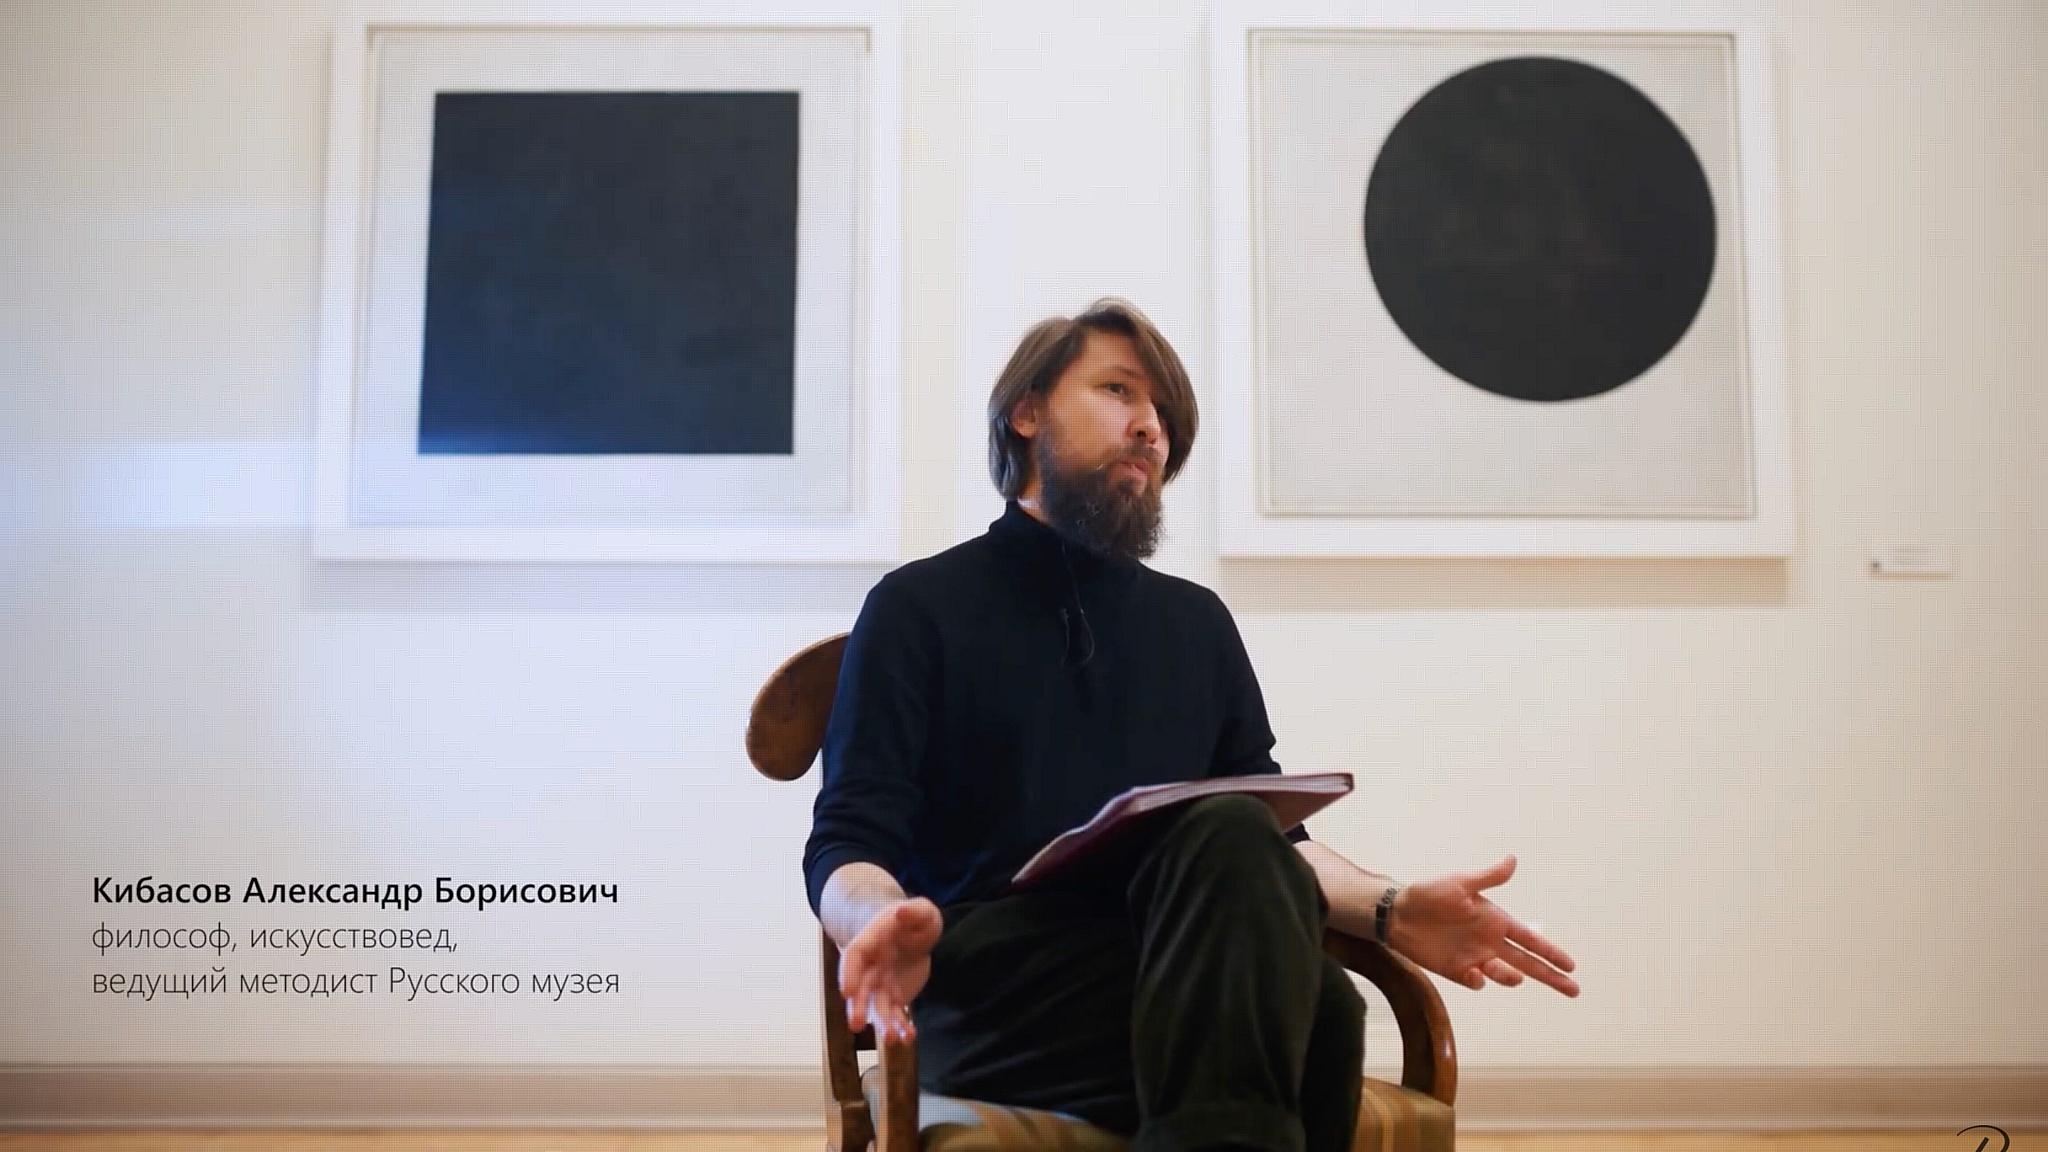 Русский музей при поддержке БФ «Система» запускает первый онлайн-курc